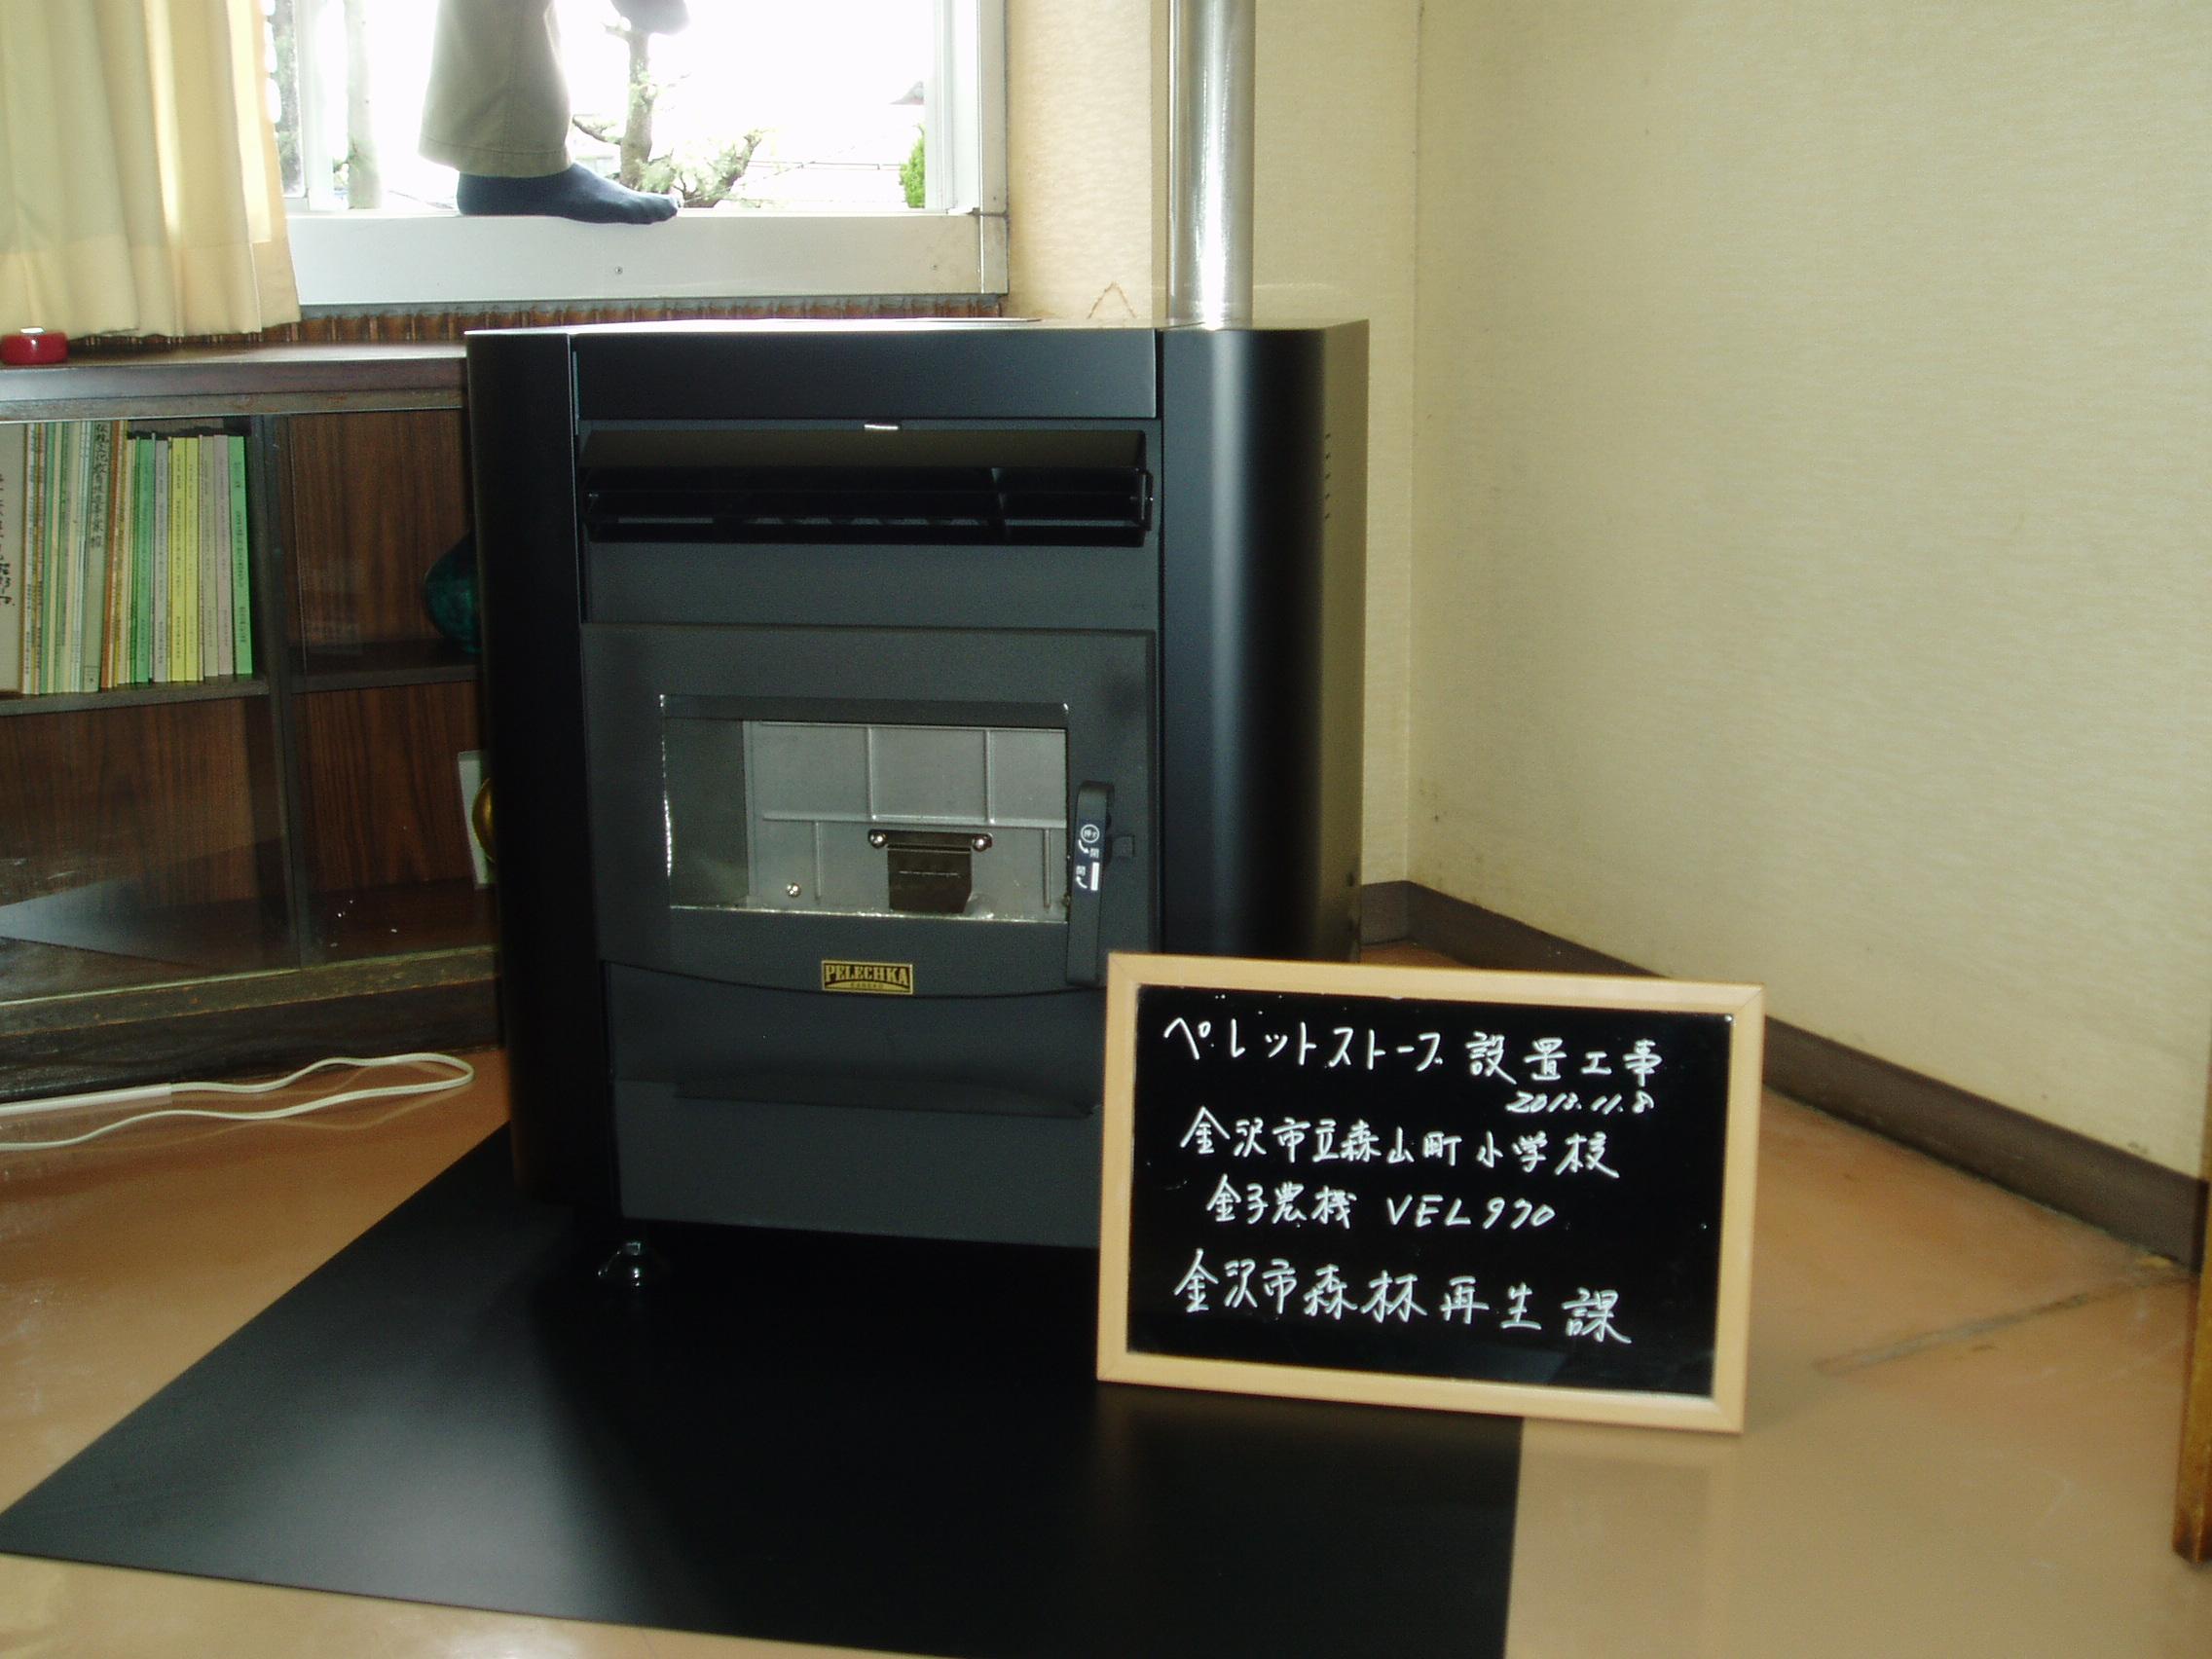 金沢市森山町小学校にペレットストーブの設置しました。